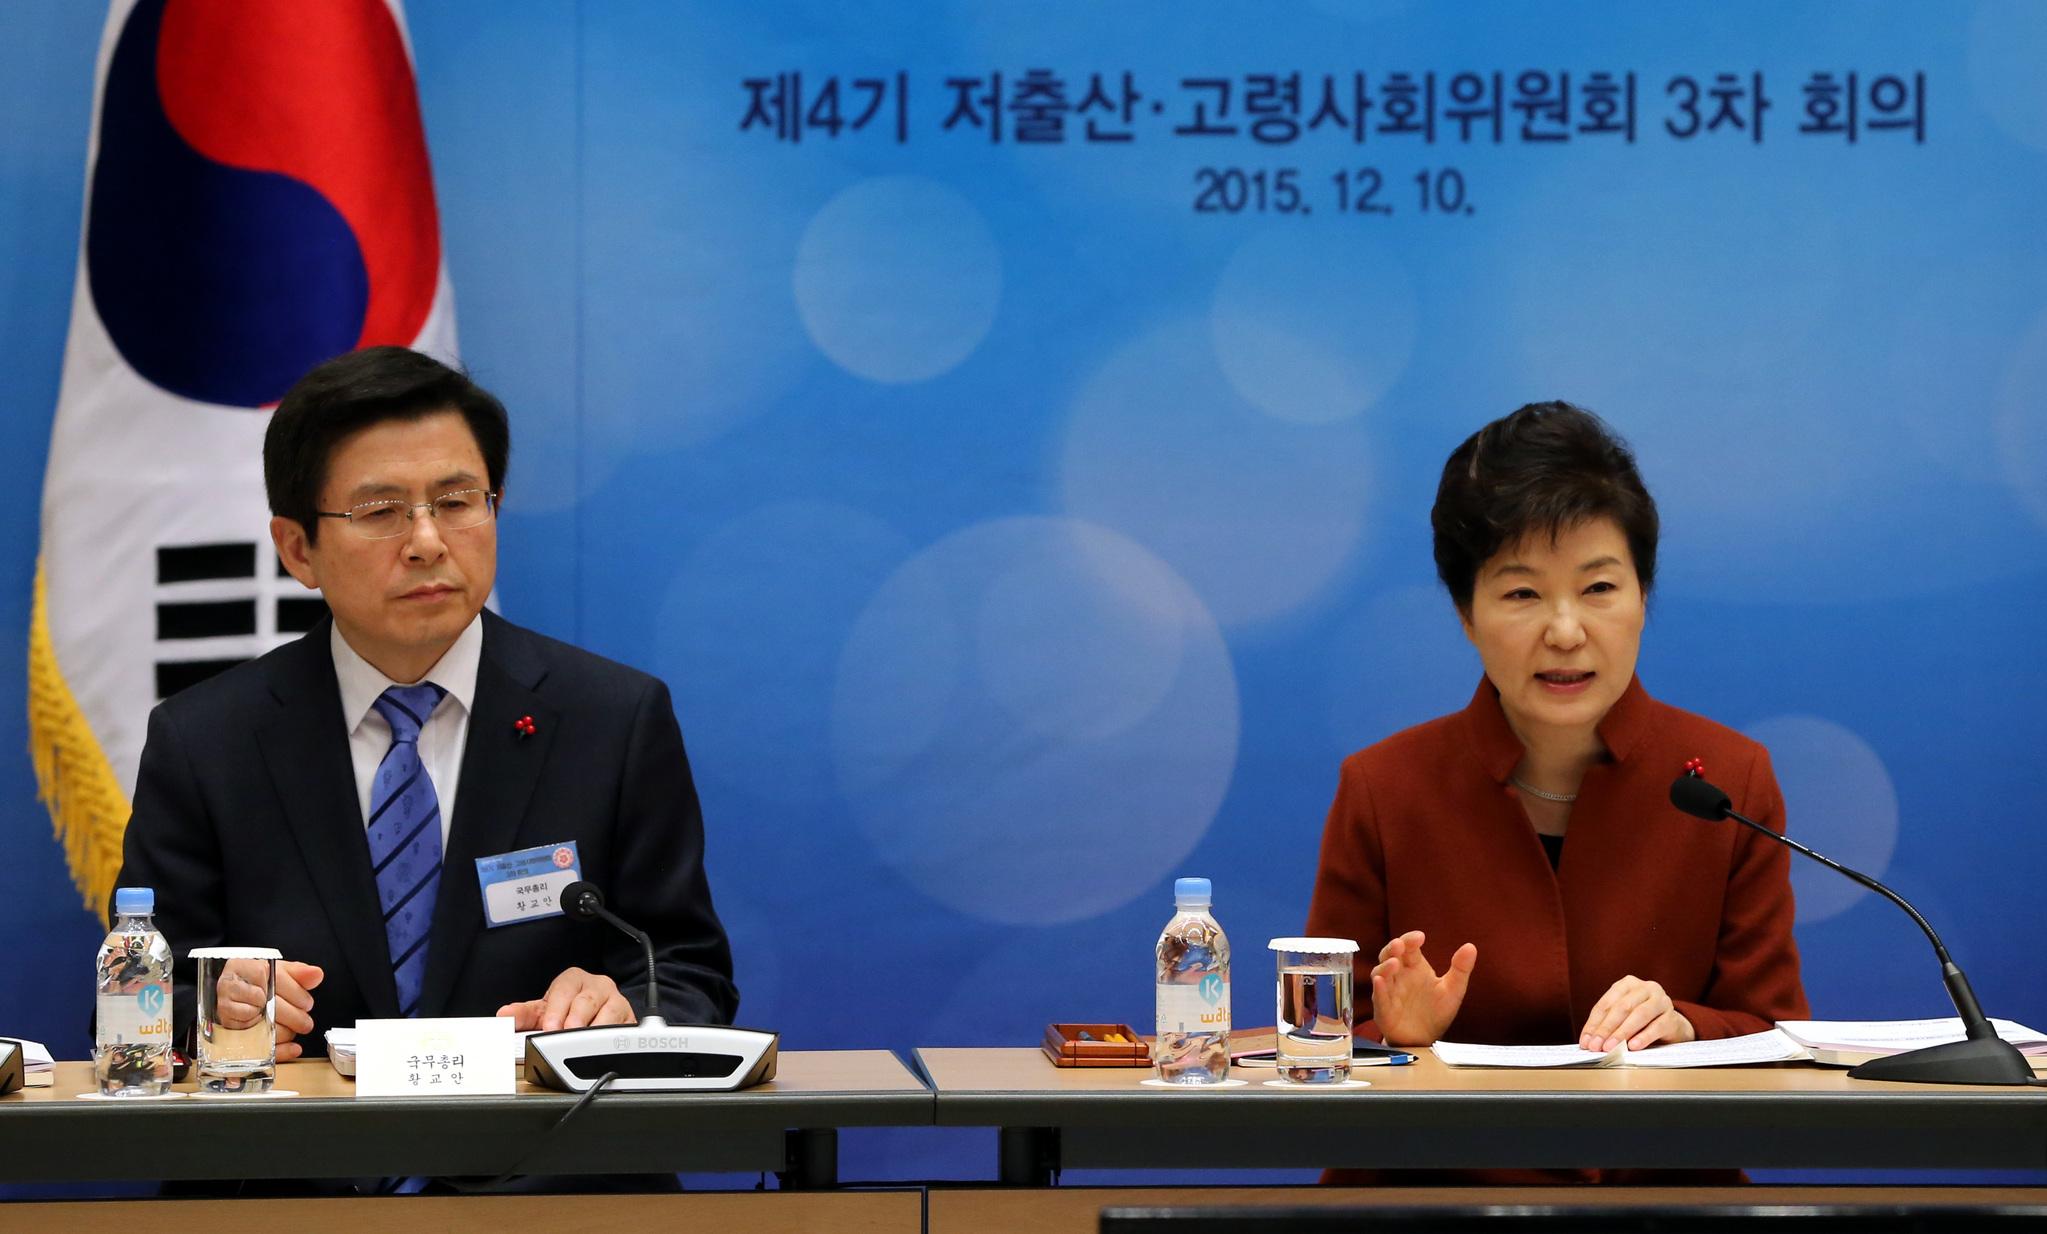 박근혜 전 대통령이 2015년 12월 열린 제4기 저출산 고령사회위원회 3차회의에서 모두 발언을 하고 있다. [청와대사진기자단]